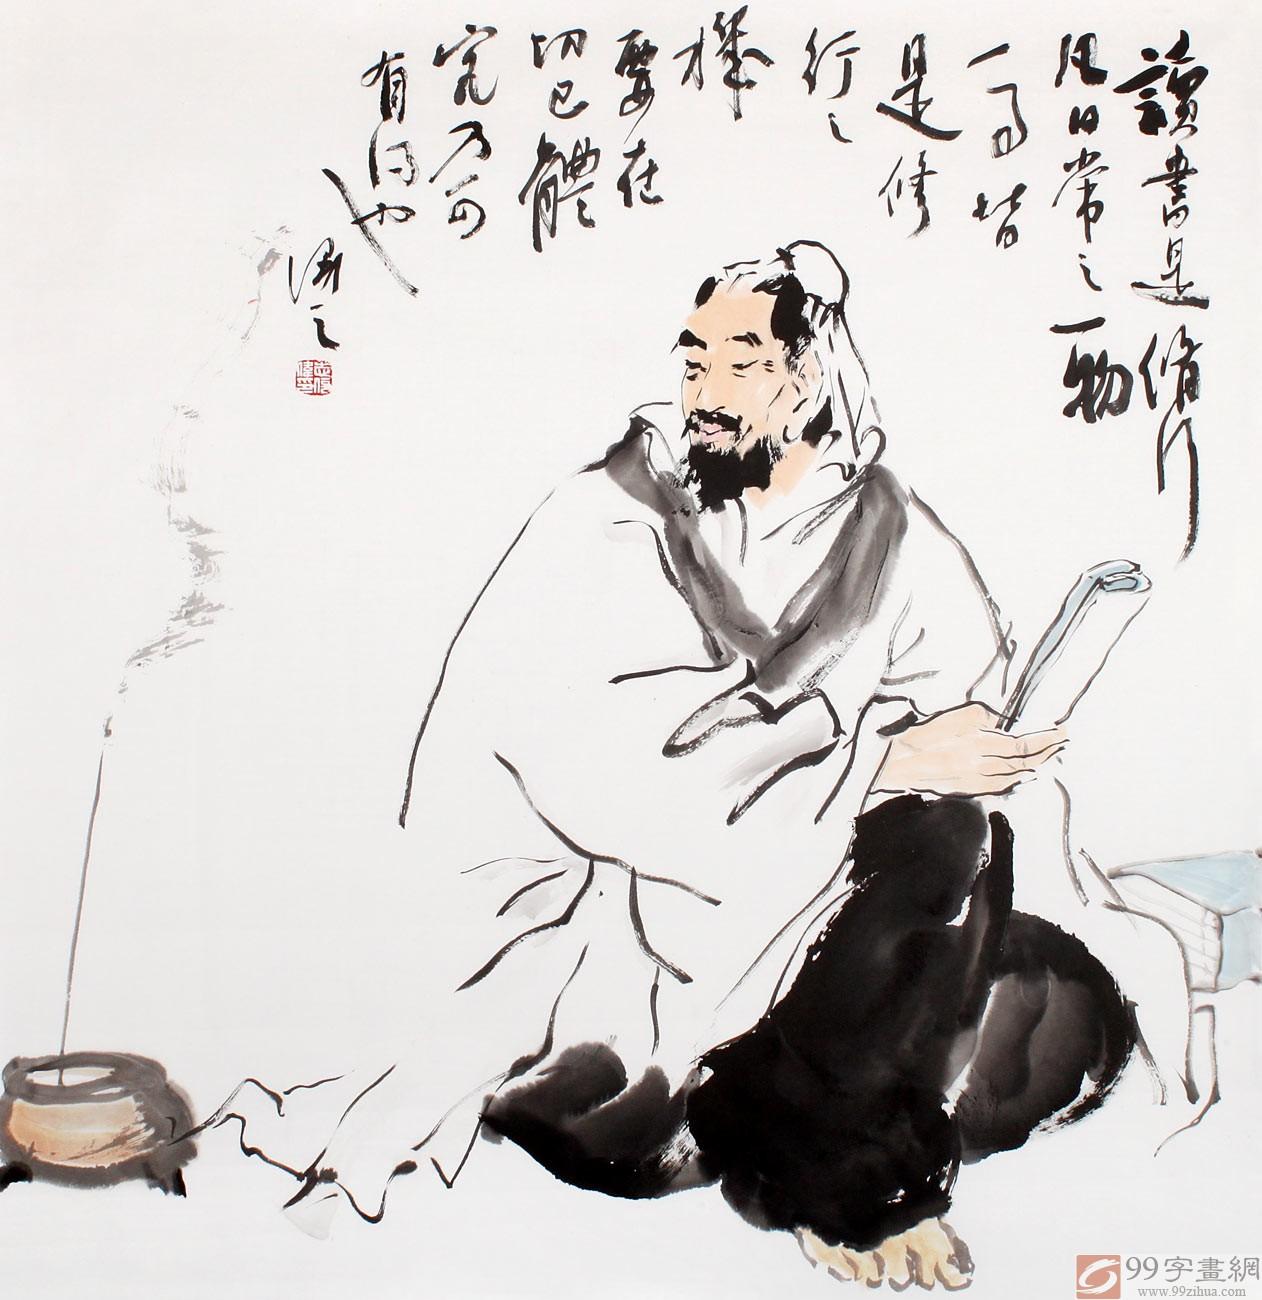 陈漫之四尺斗方人物画《读书是修行》 - 古代人物